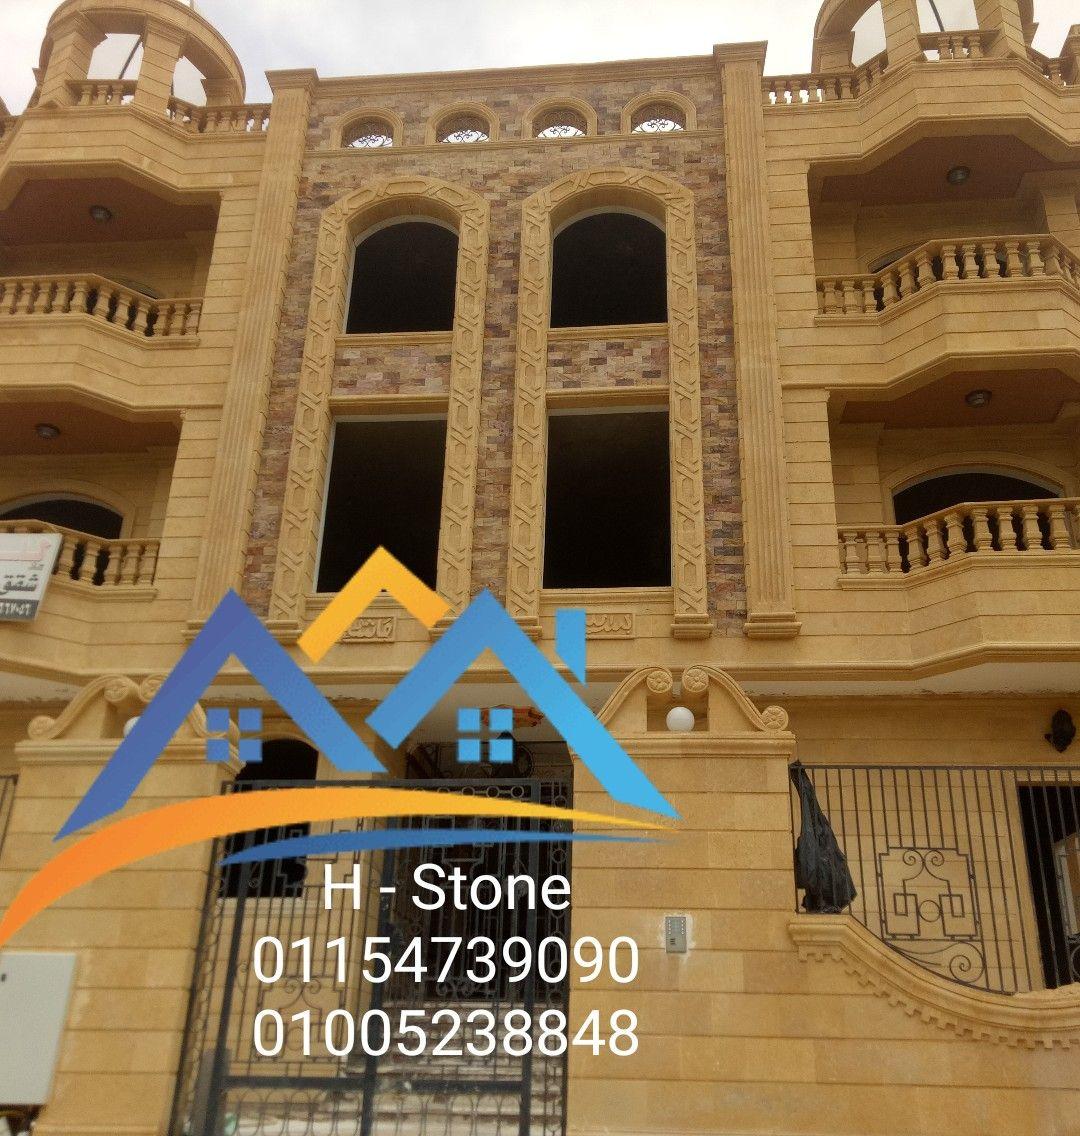 تركيب واجهات حجر هاشمي كريمي House Styles Exterior Houses ارخص 01154739090 Stone House Stone Fireplace